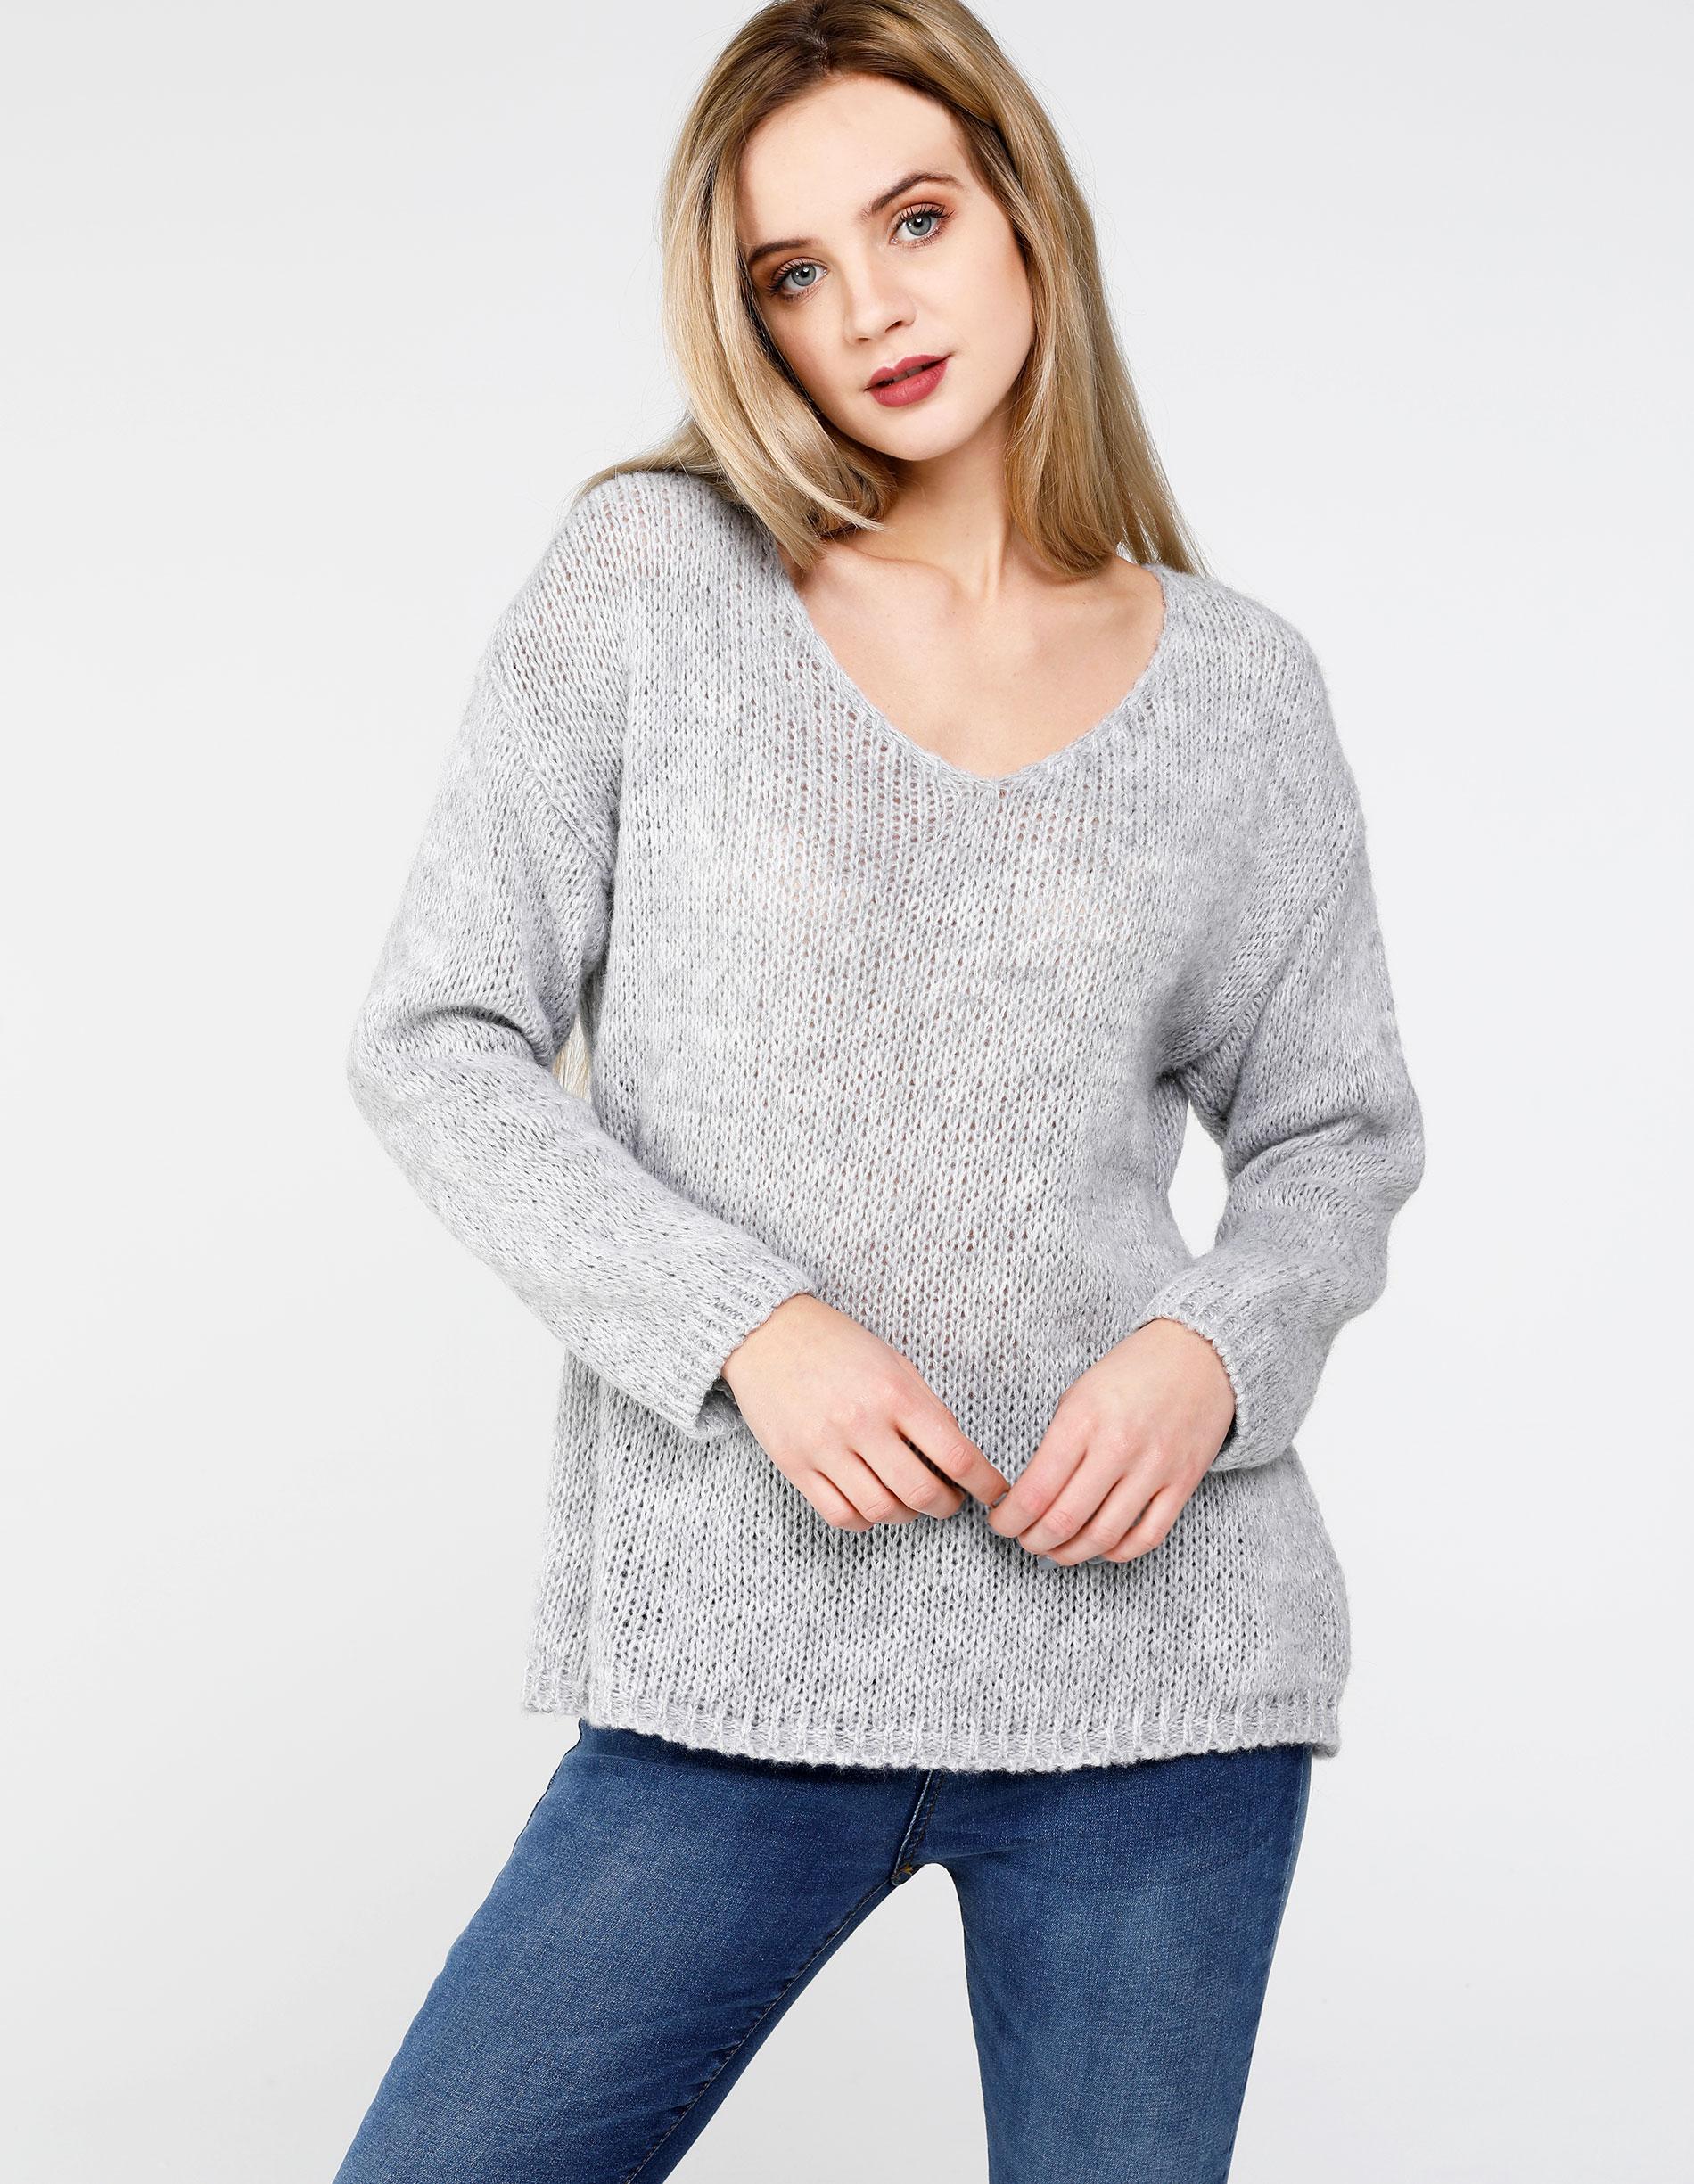 Sweter - 167-797-1 GRC - Unisono